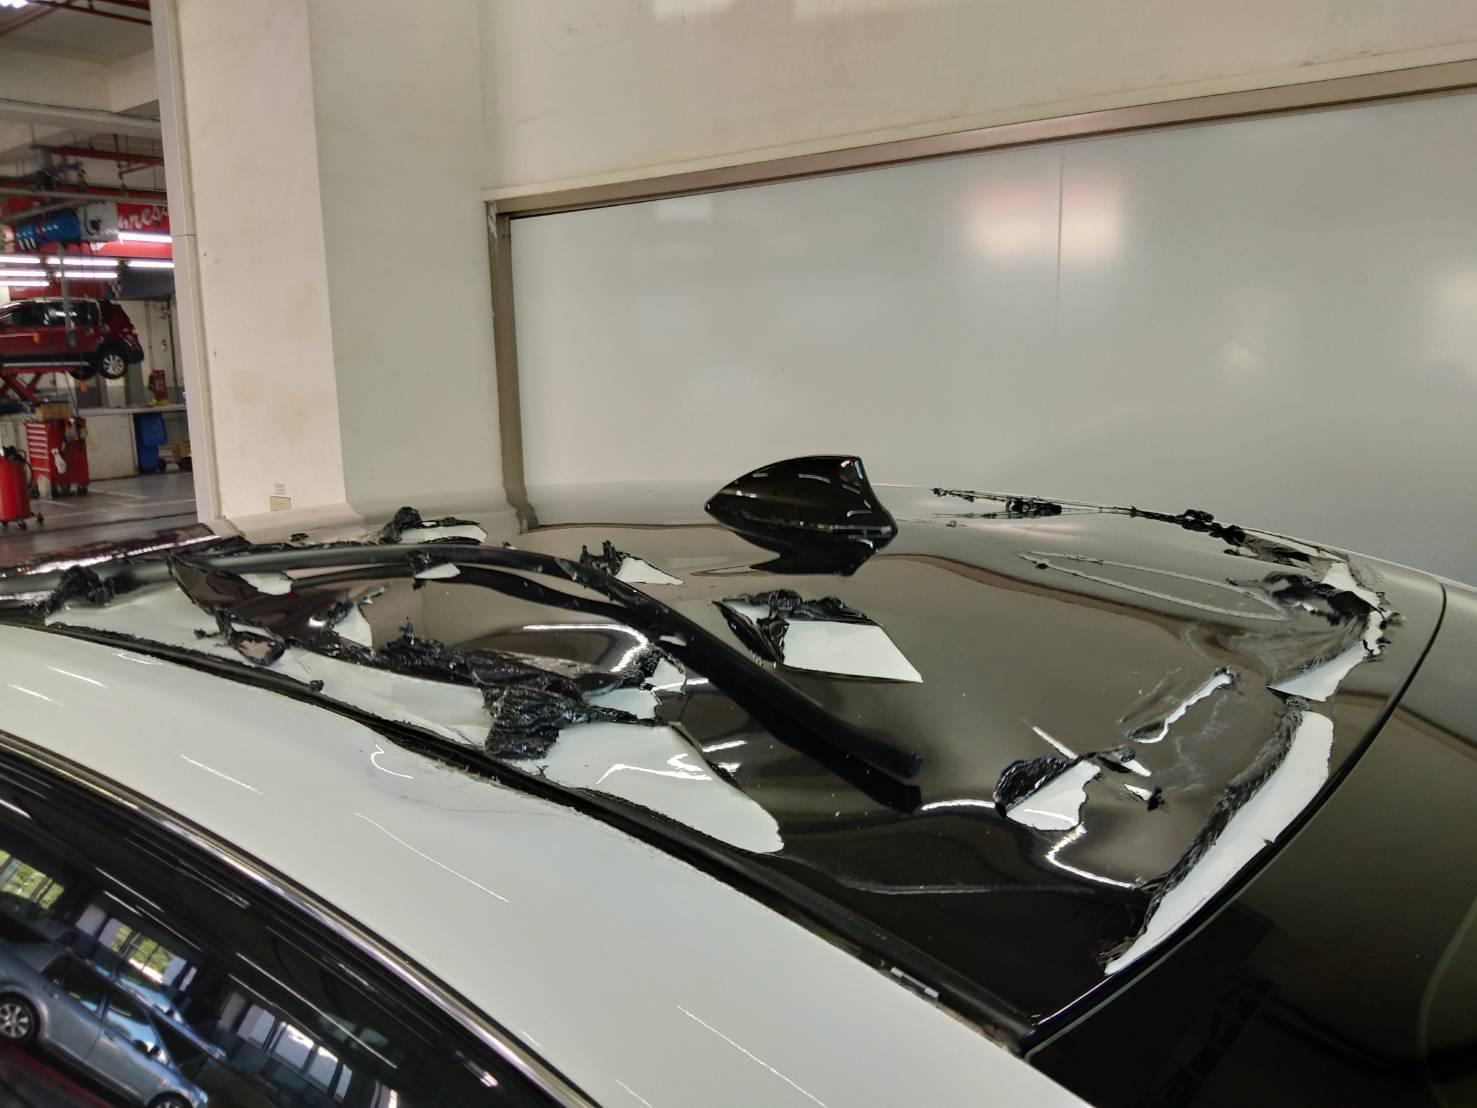 NISSAN原廠保養變大修,讓人失望透頂的原廠服務,保養保險桿變成車頂損壞,我的車修理後會變拼裝車。